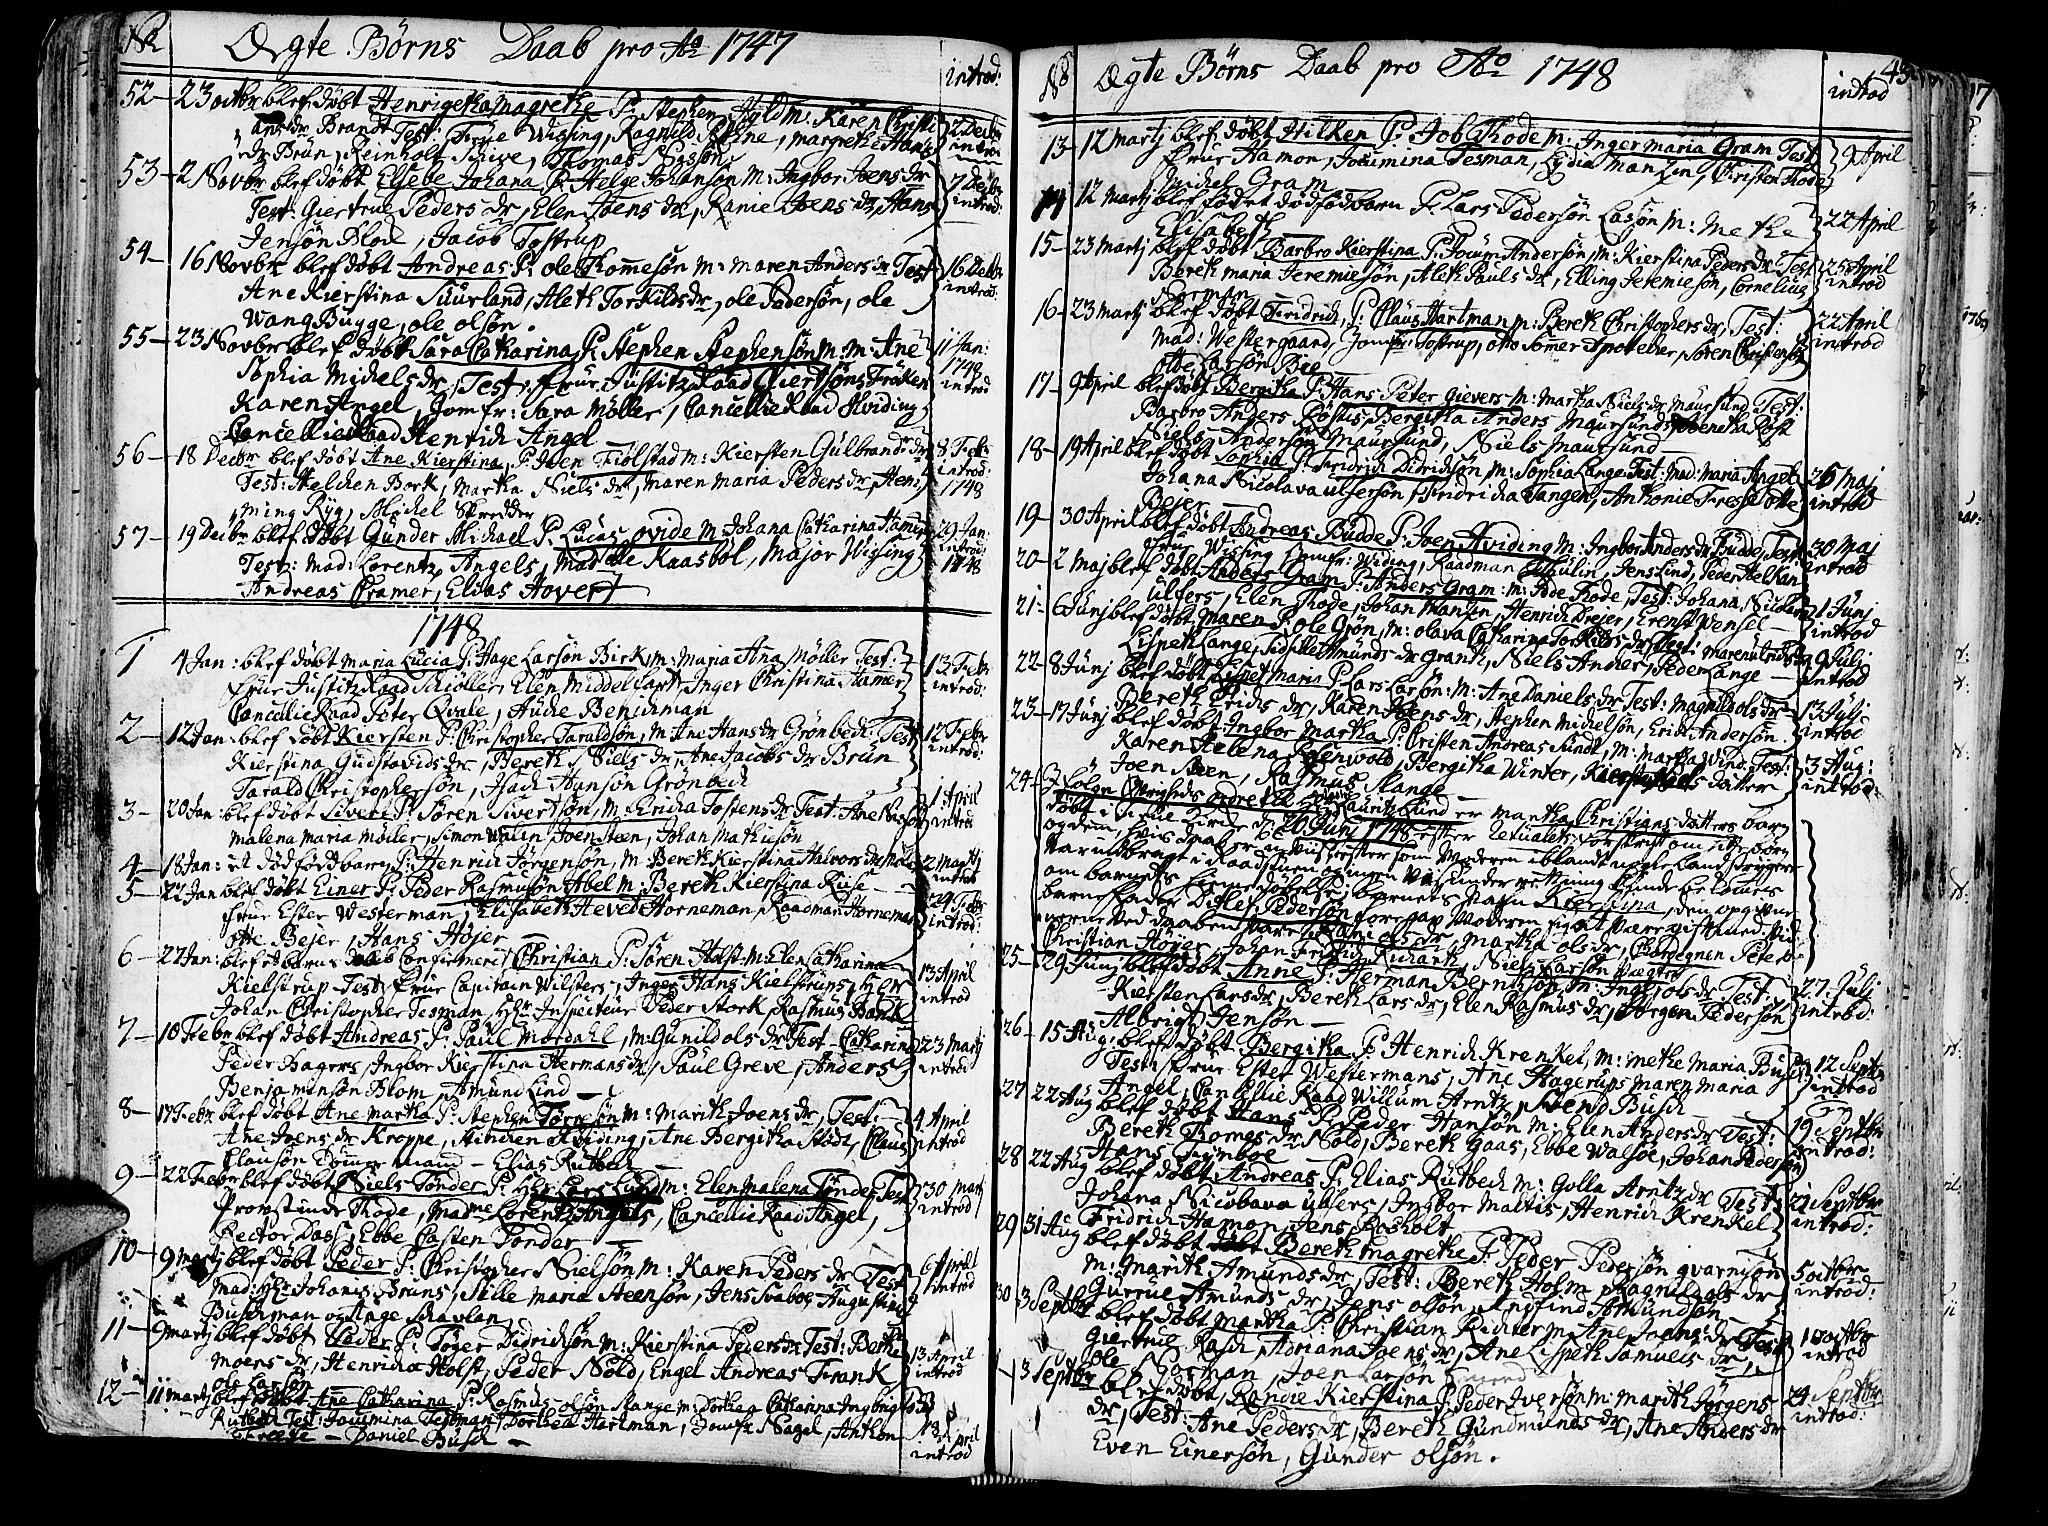 SAT, Ministerialprotokoller, klokkerbøker og fødselsregistre - Sør-Trøndelag, 602/L0103: Ministerialbok nr. 602A01, 1732-1774, s. 43